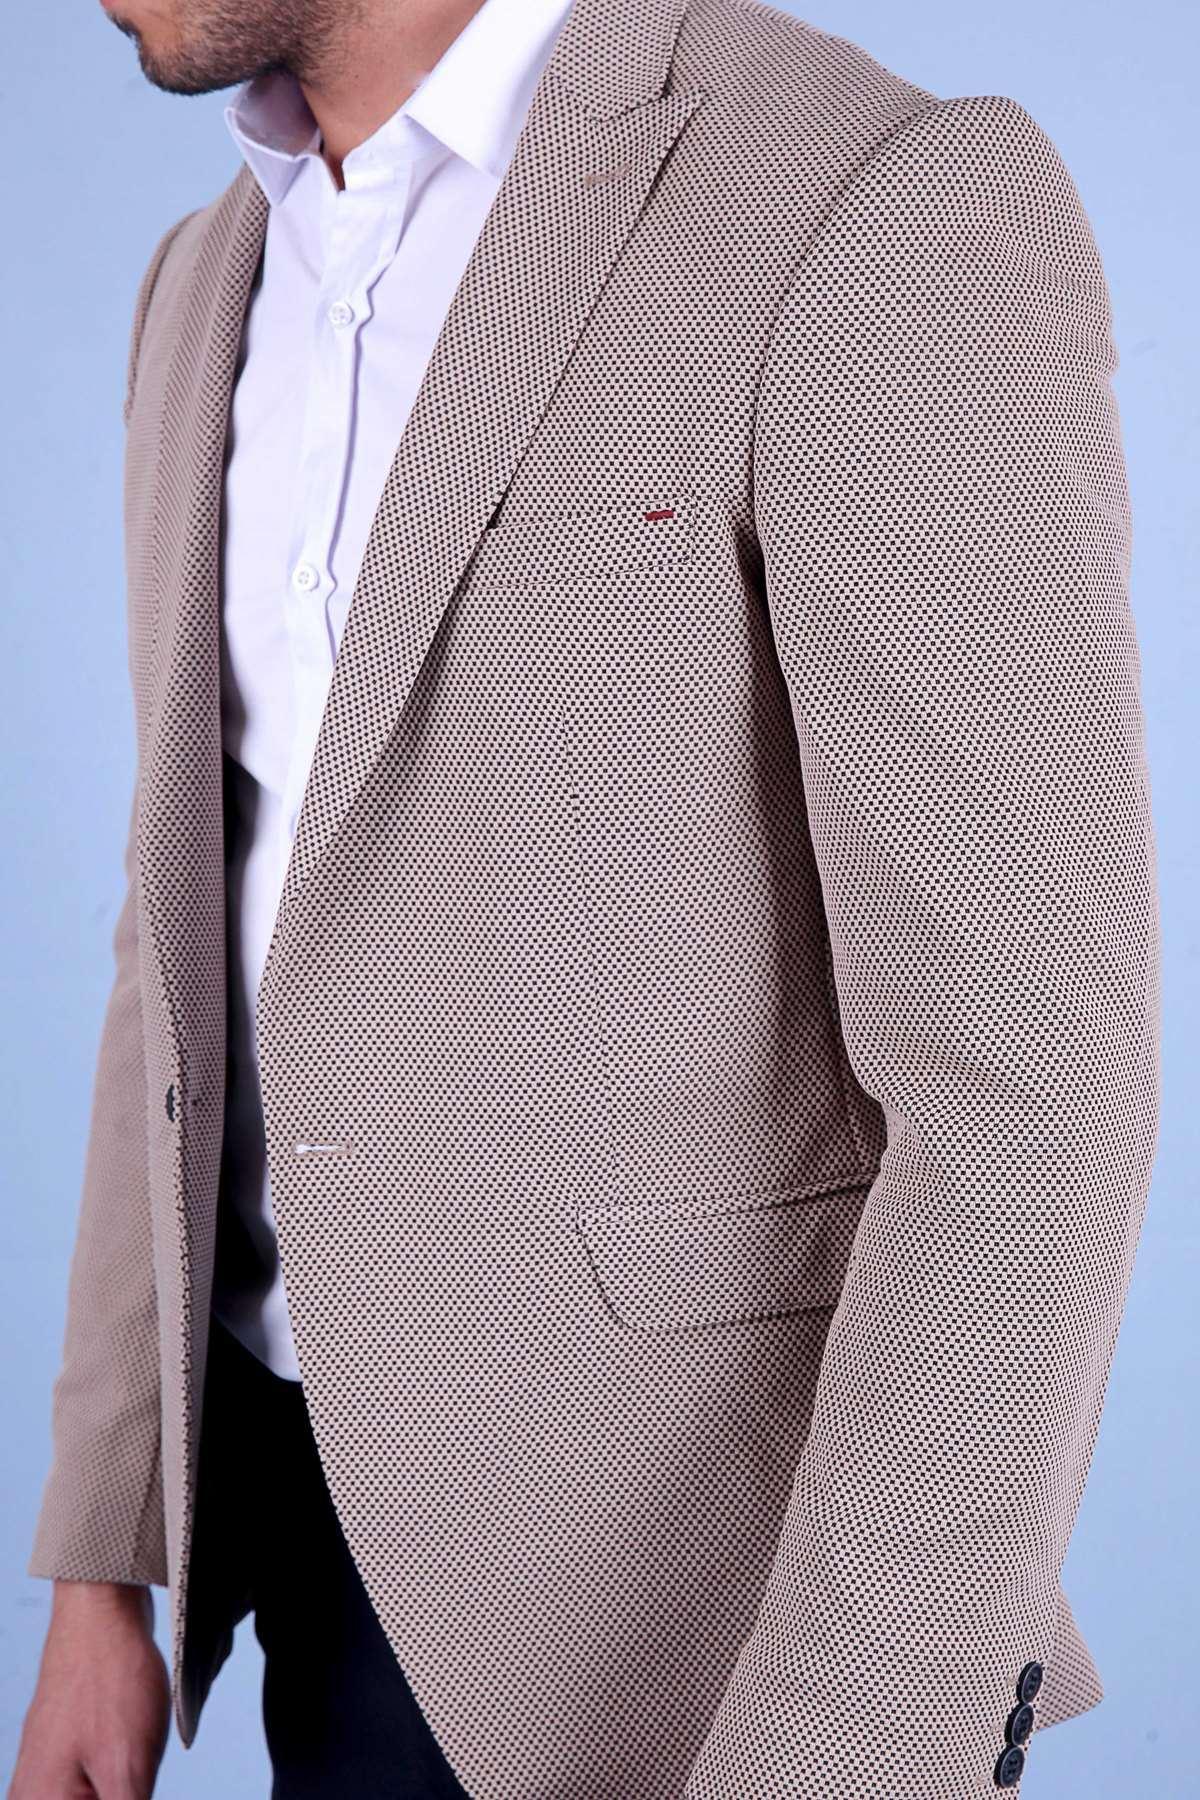 Küçük Kare Desenli Slim Fit Blazer Ceket Vizon